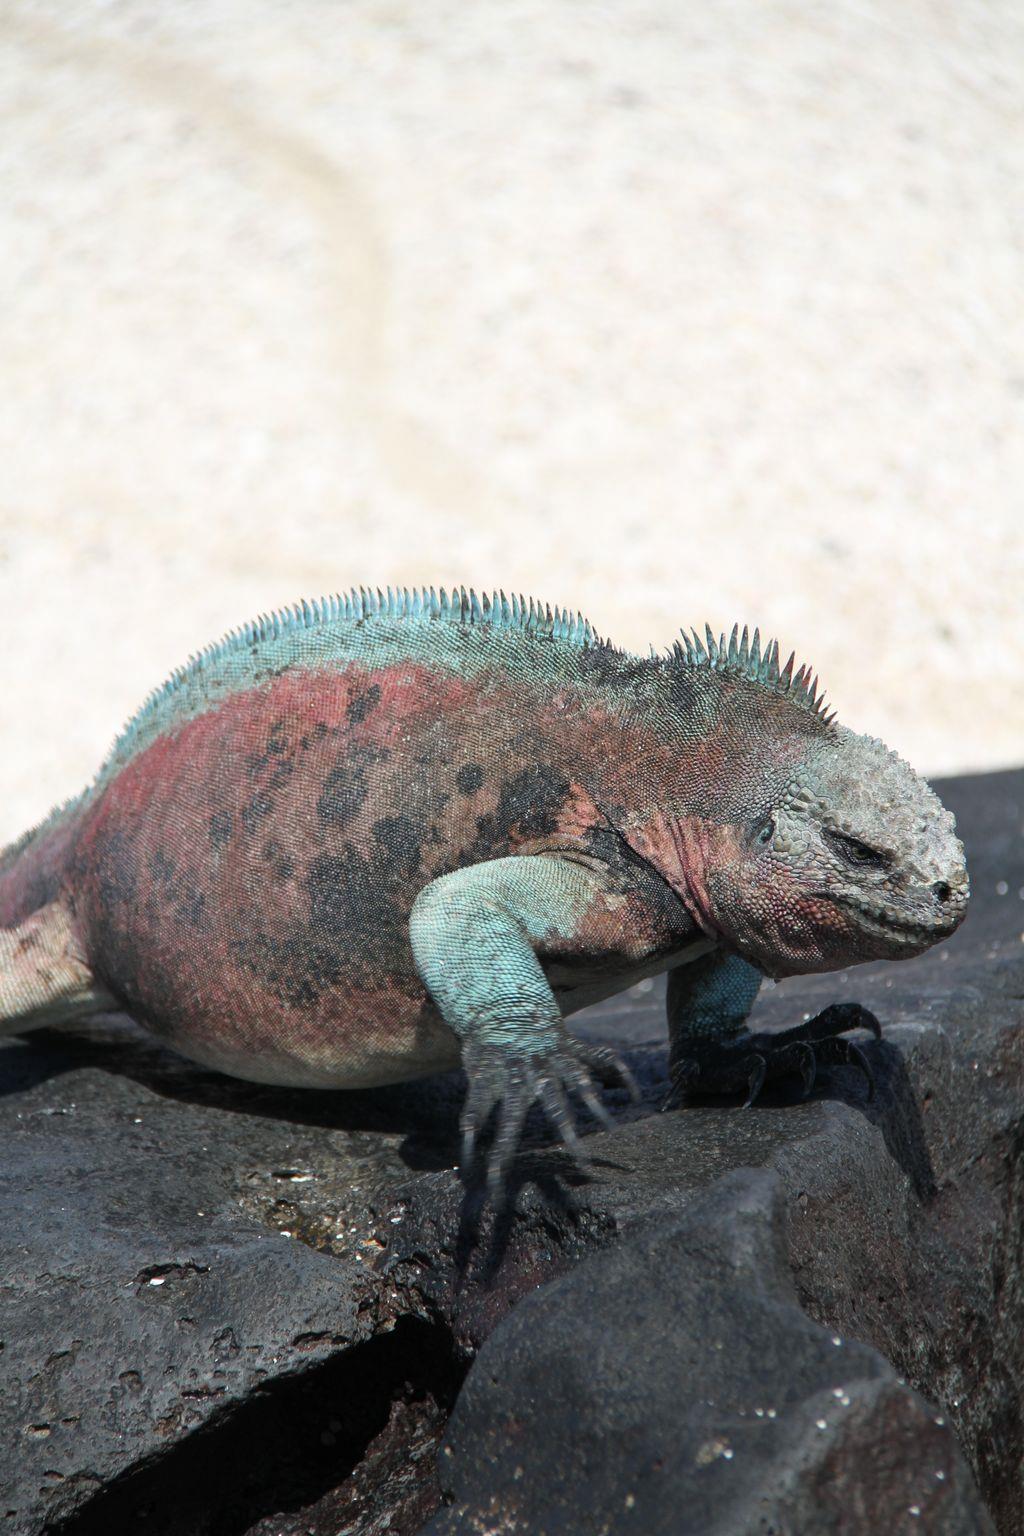 聖誕節海蜥蜴,其實就是海蜥蜴,冬天的時候因為飲食變化而變成的顏色